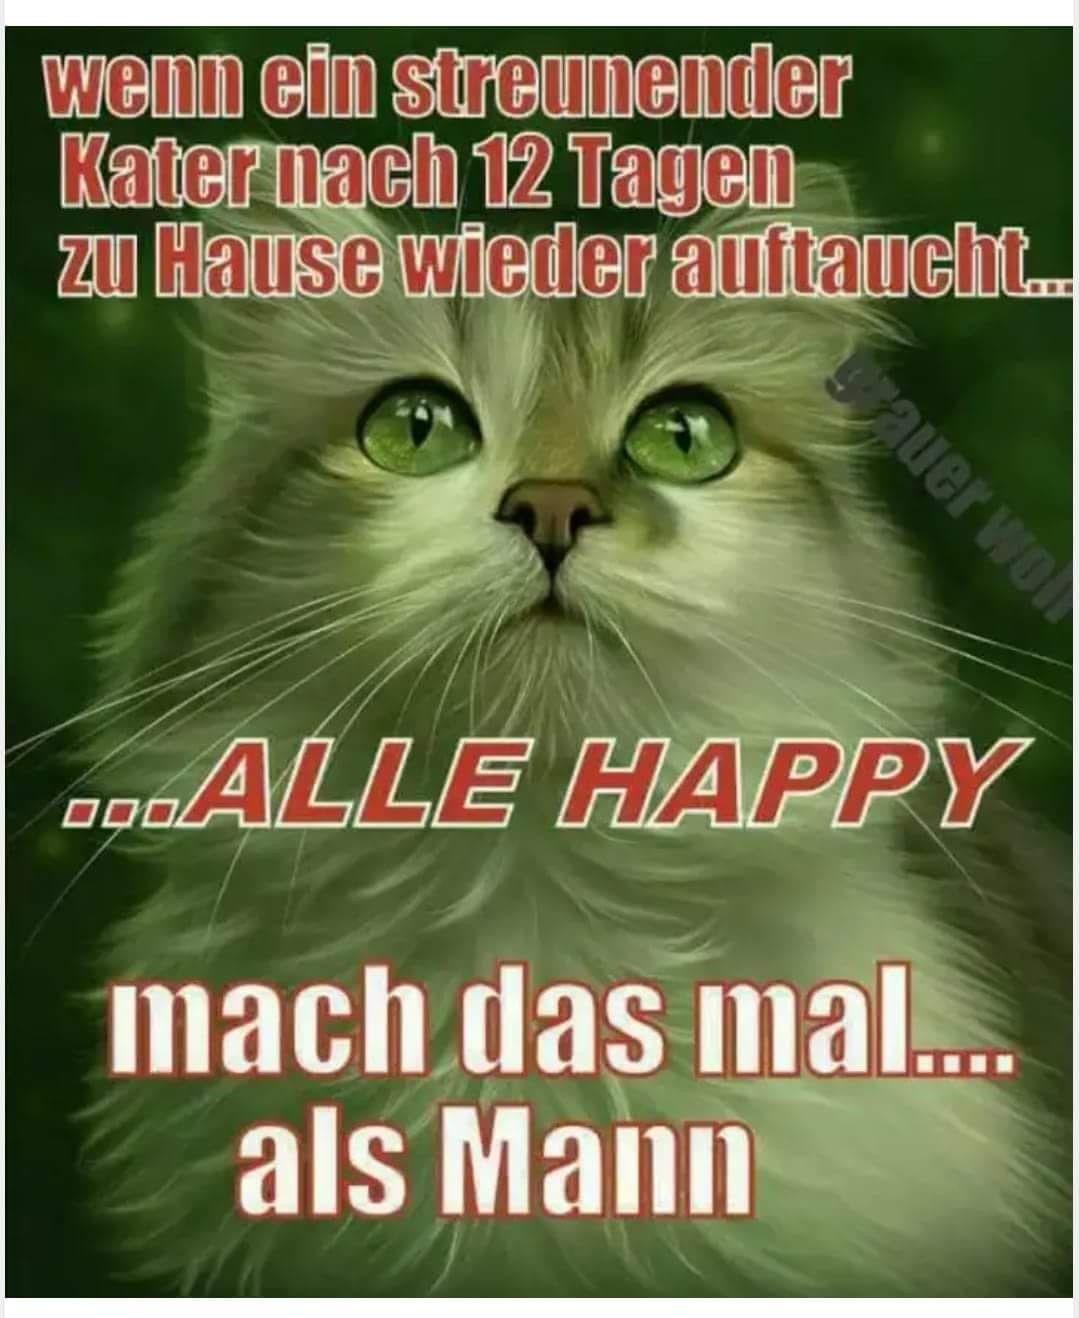 Manner Lustig Witzig Spruche Bild Bilder Kater Humor Lustig Lachen Und Weinen Lustige Bilder